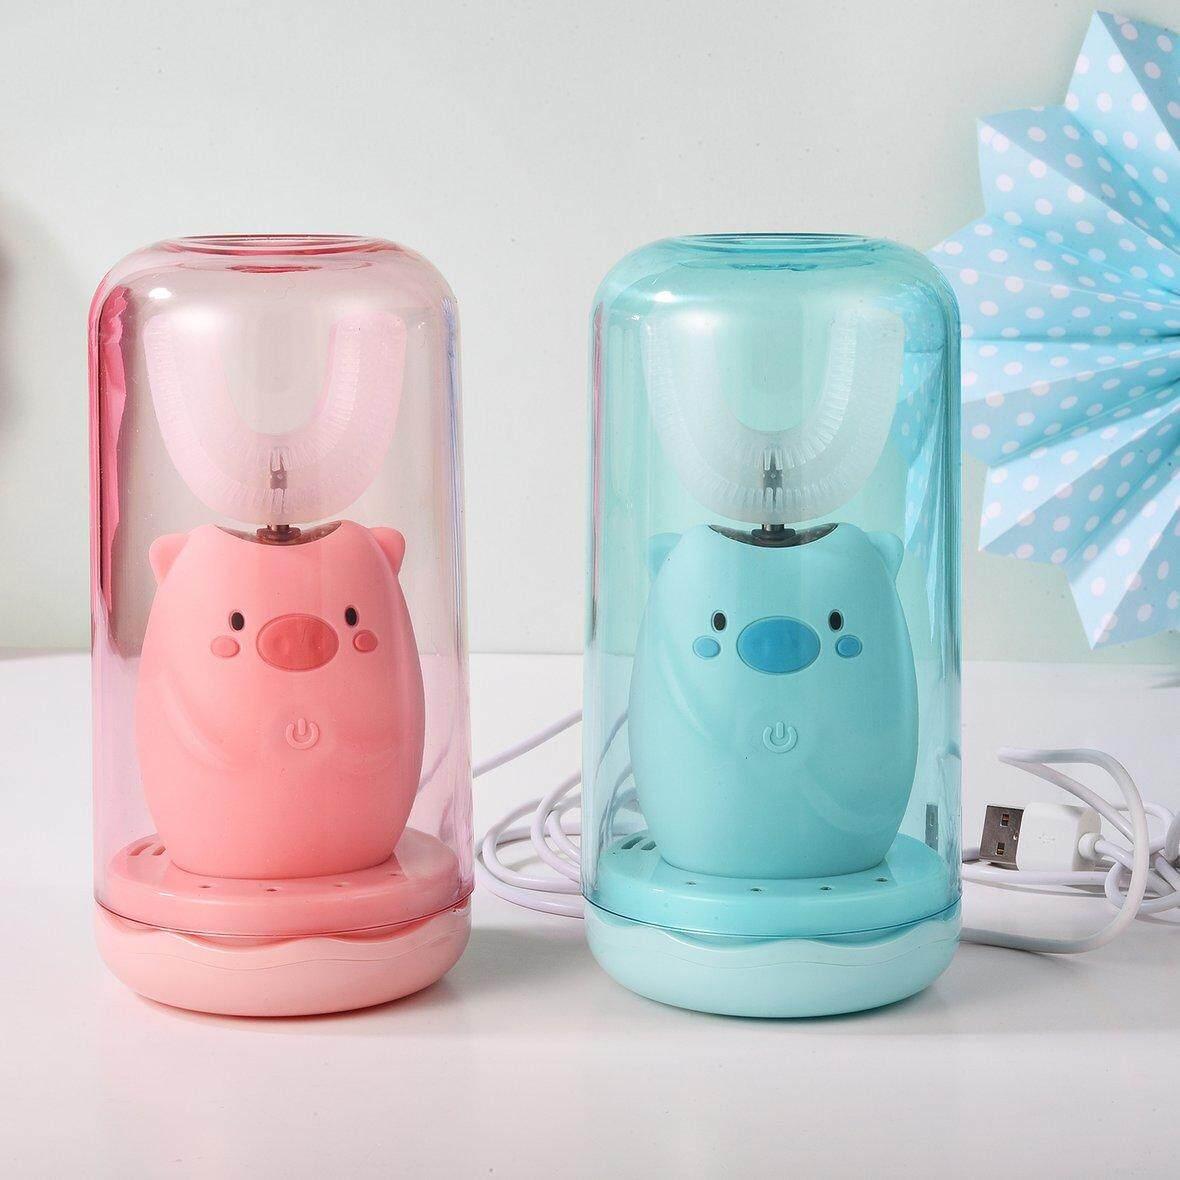 แปรงสีฟันไฟฟ้า ทำความสะอาดทุกซี่ฟันอย่างหมดจด ลำพูน ผู้ขายร้อนเด็ก U Type Electric TOOT hbrush เกี่ยวกับระบบเสียงที่สามารถชาร์จไฟได้อัตโนมัติ TOOT hbrush